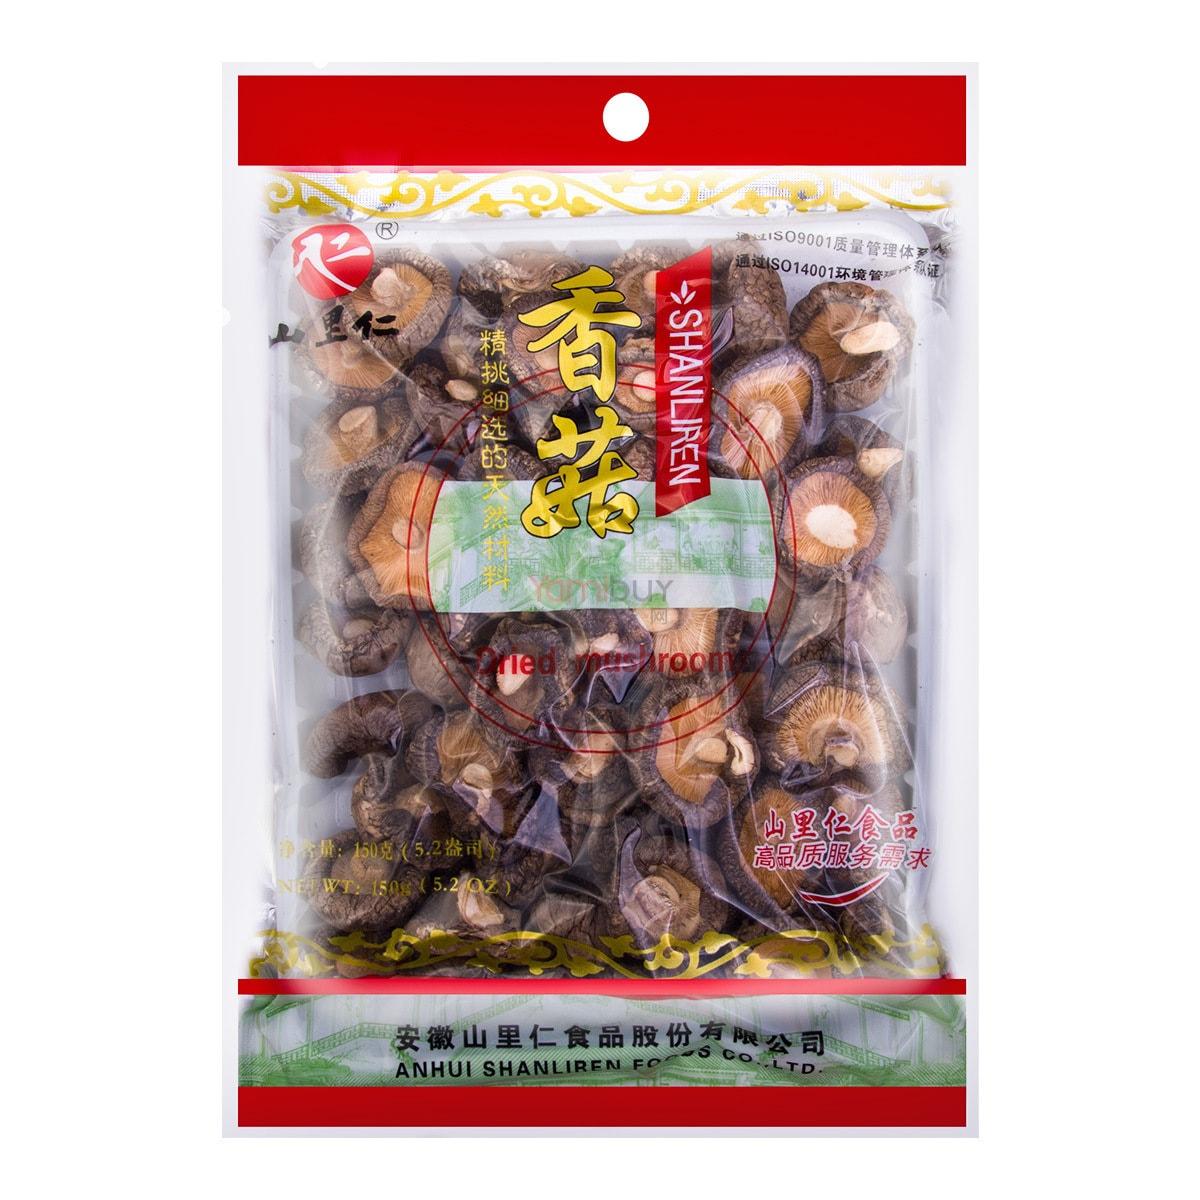 山里仁 精选特级香菇 150g